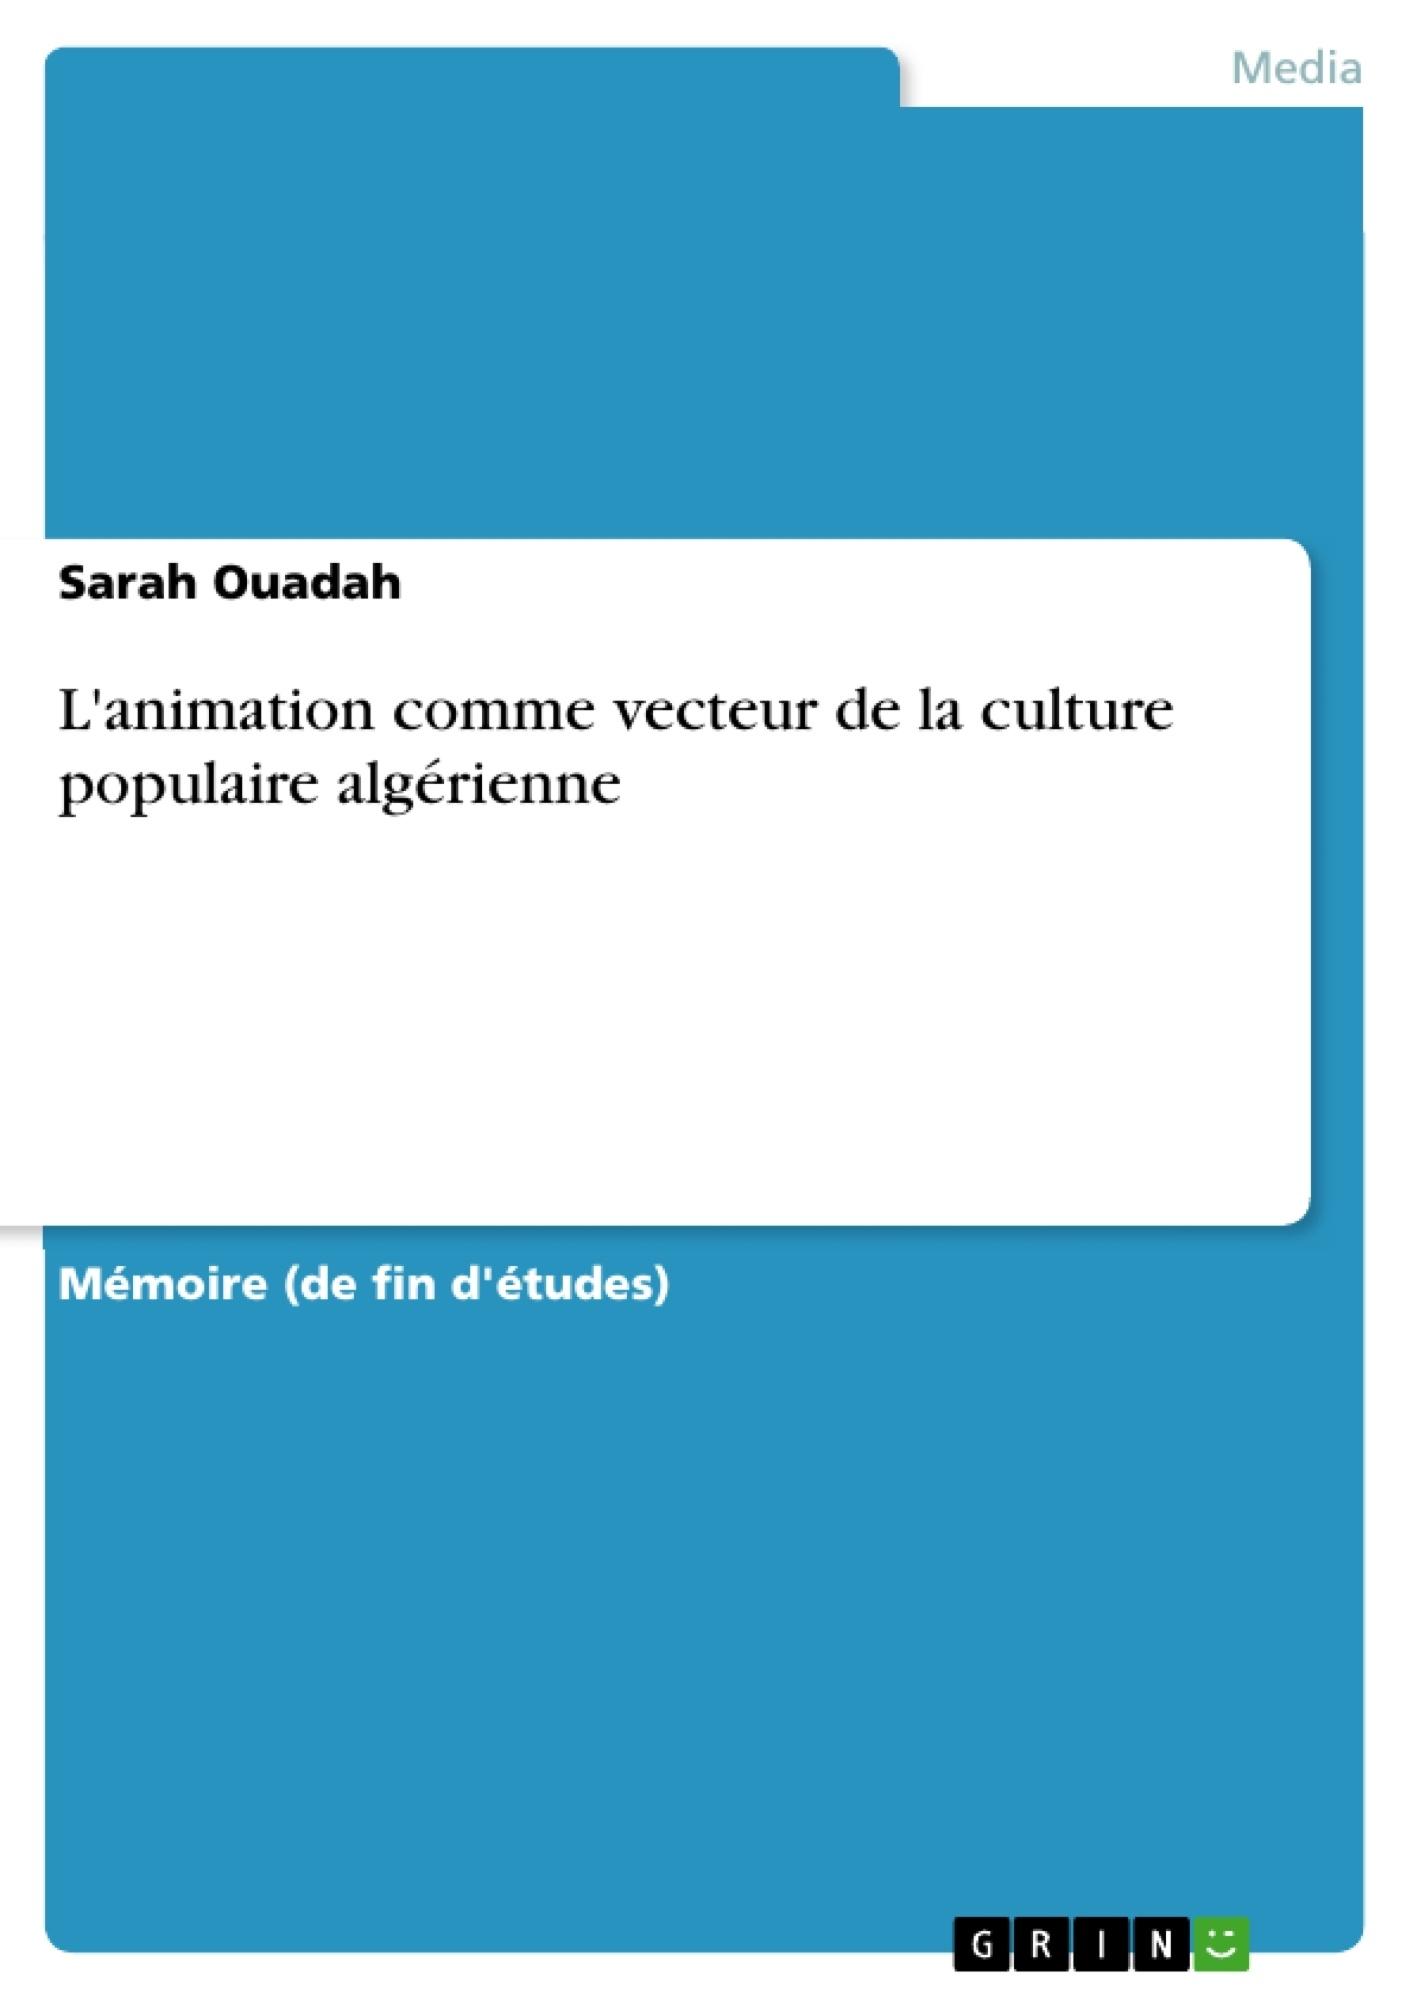 Titre: L'animation comme vecteur de la culture populaire algérienne